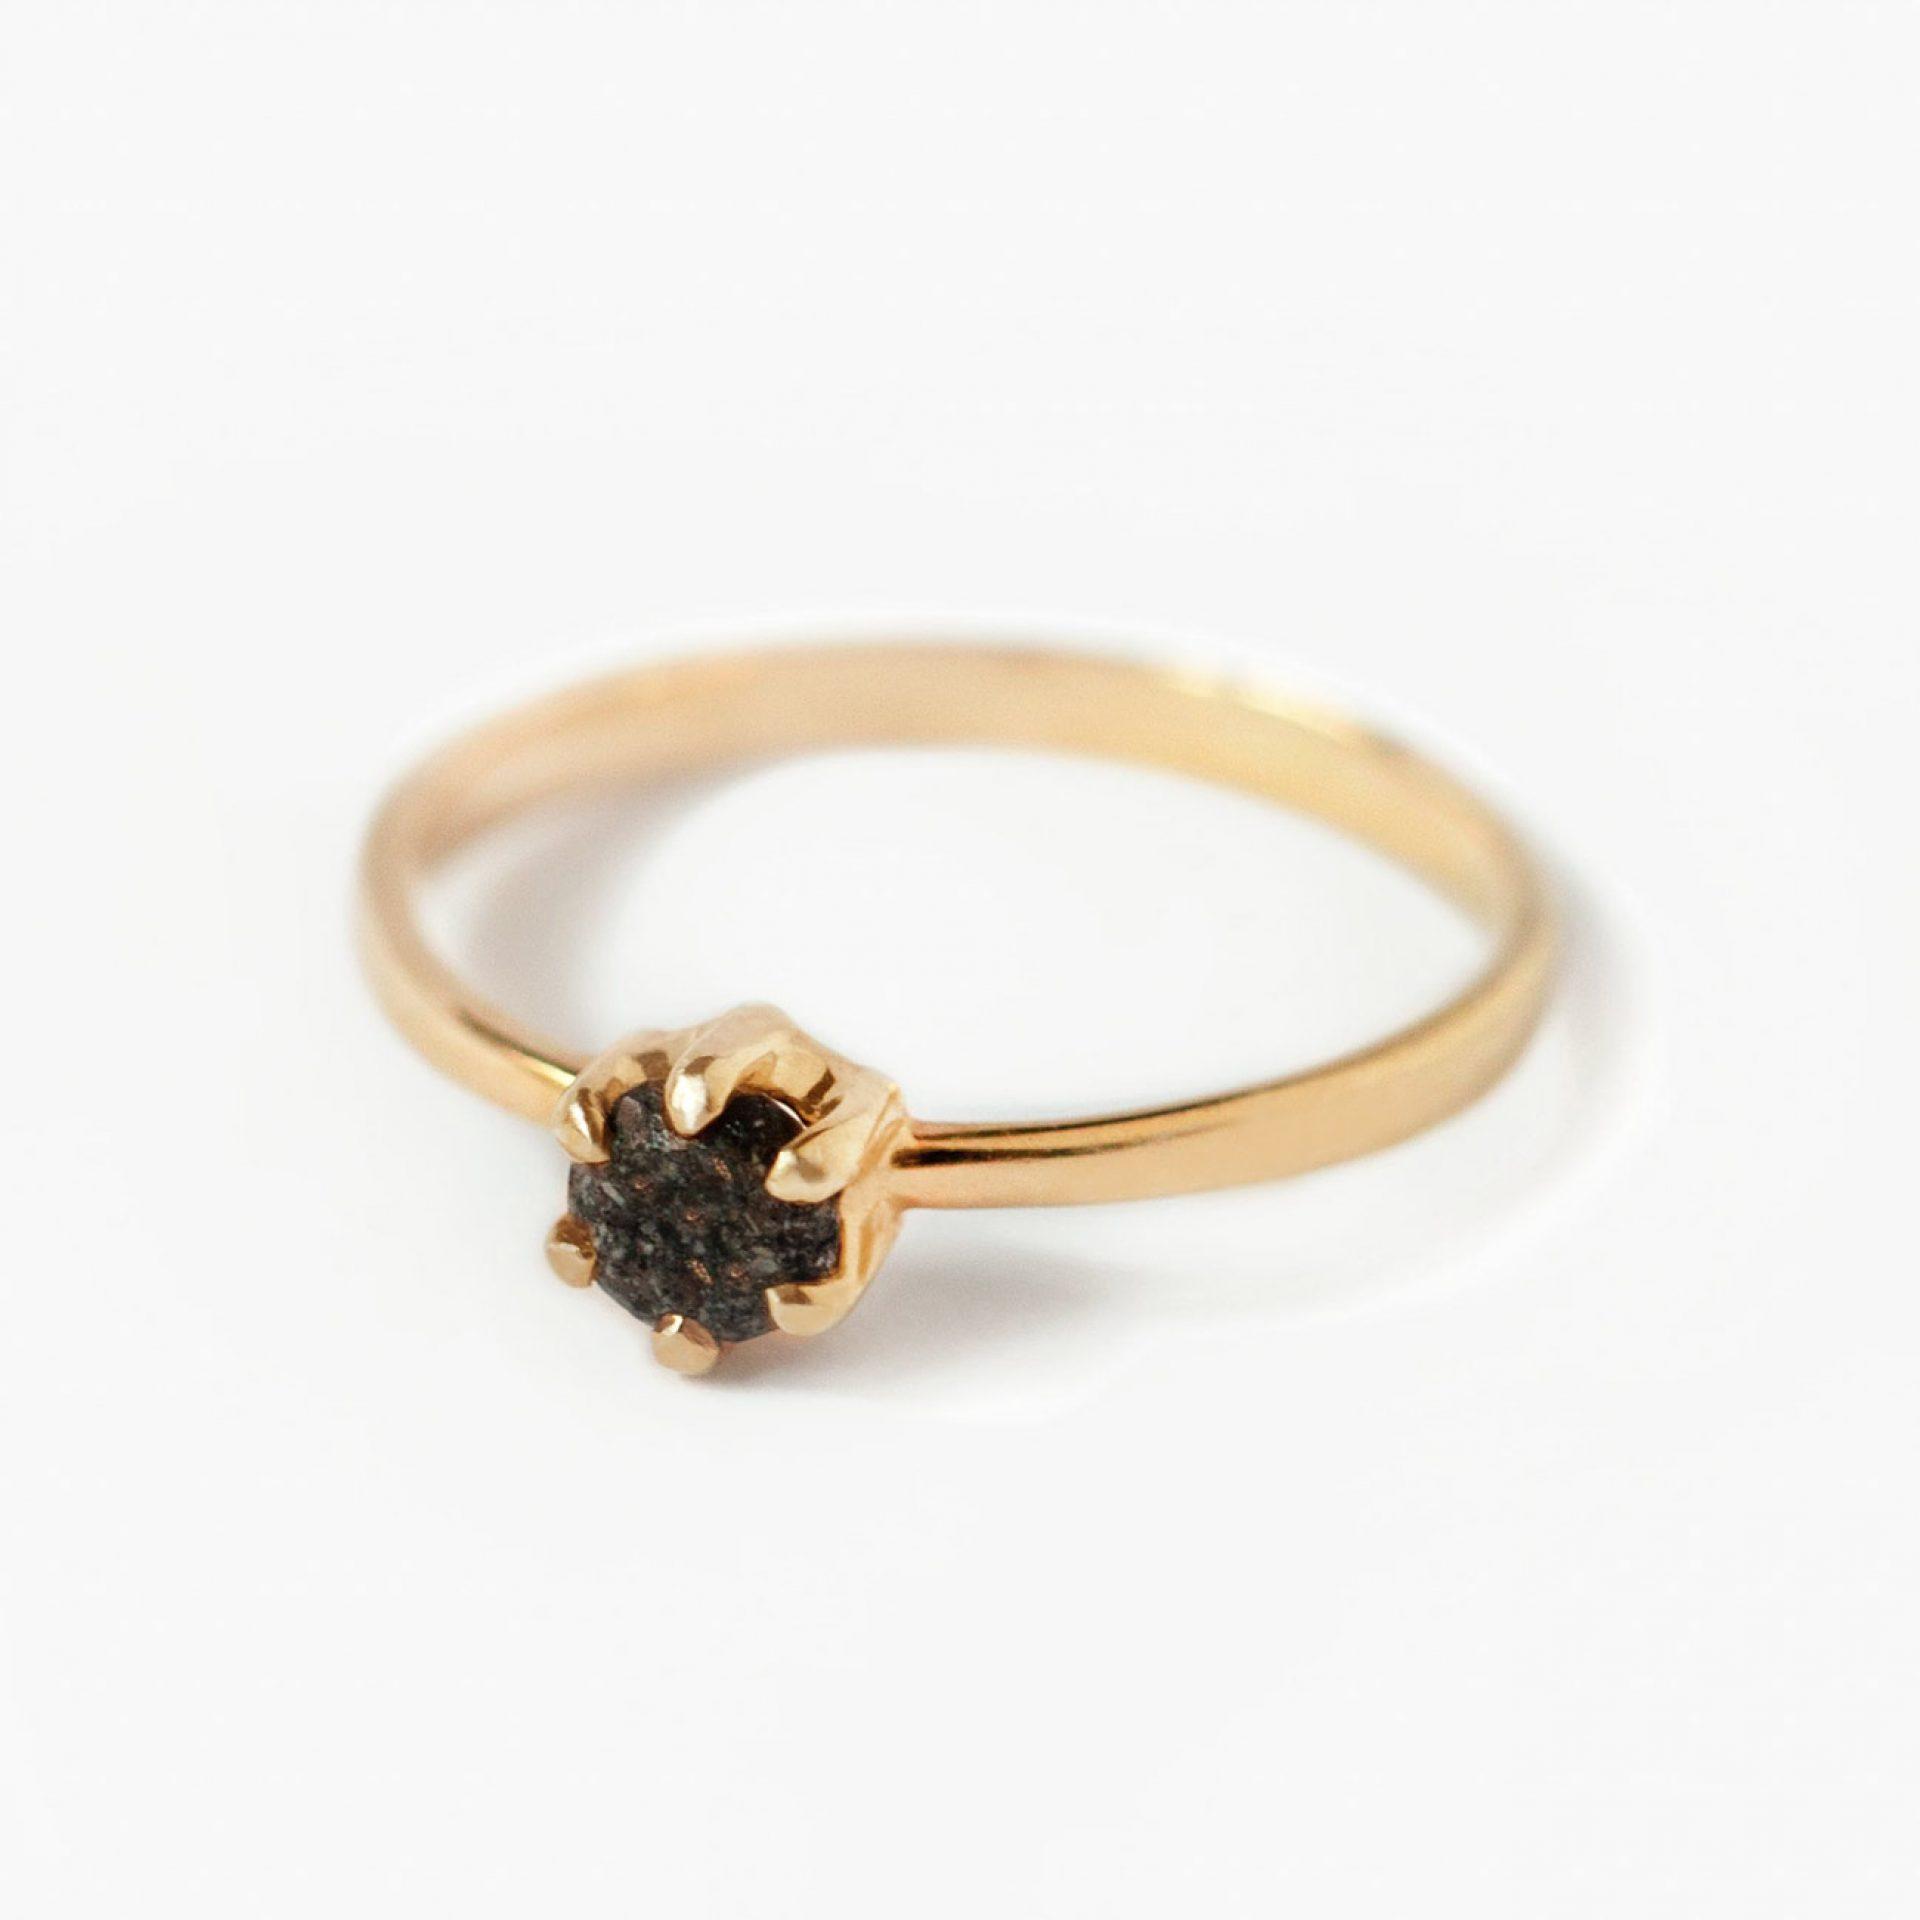 Ring aus Tierasche oder menschlicher Asche Erinnerung Schweiz Goldschmied